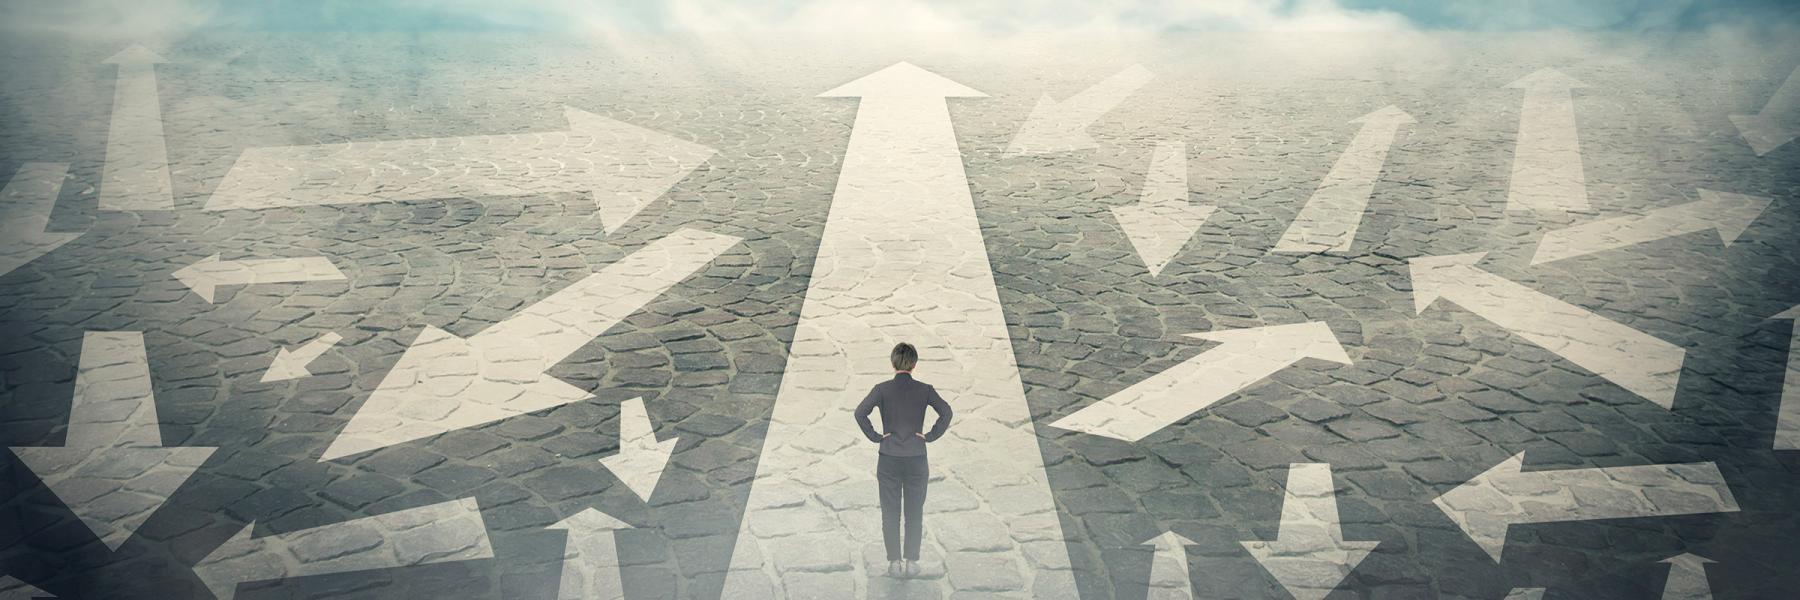 Positively Aware: Dangerous Crossroads